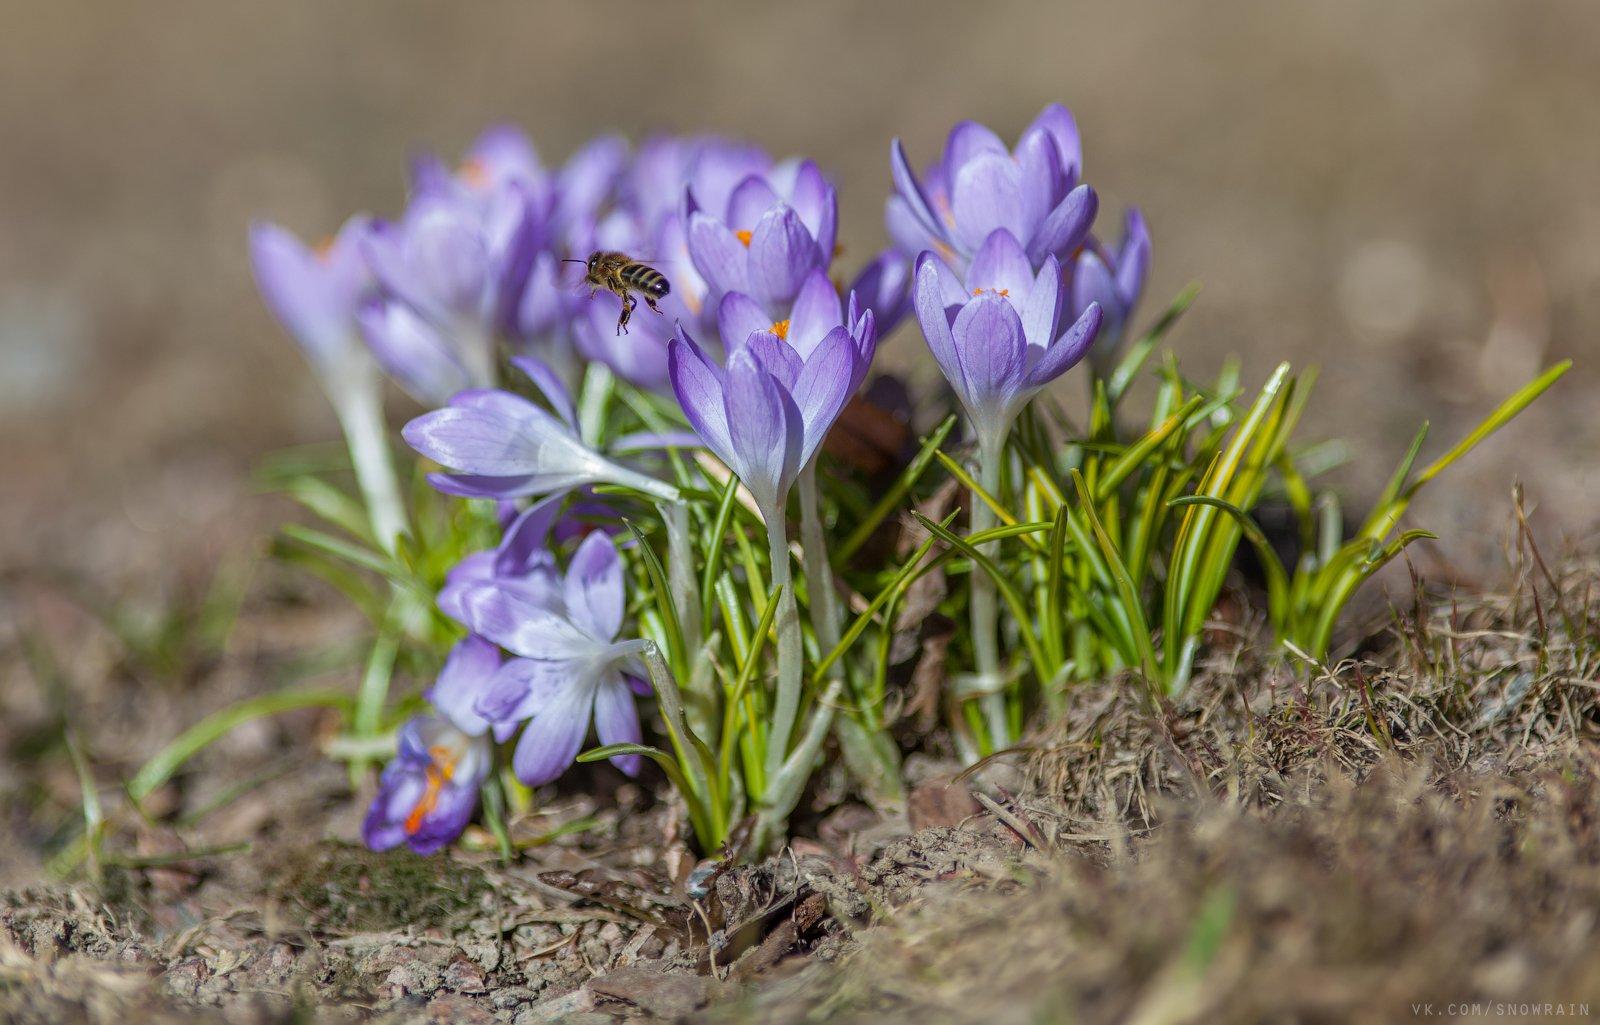 дикая природа, природа, лес, nature, wildlife, цветы, flower, wildlifephoto, весна, spring, Snowrain